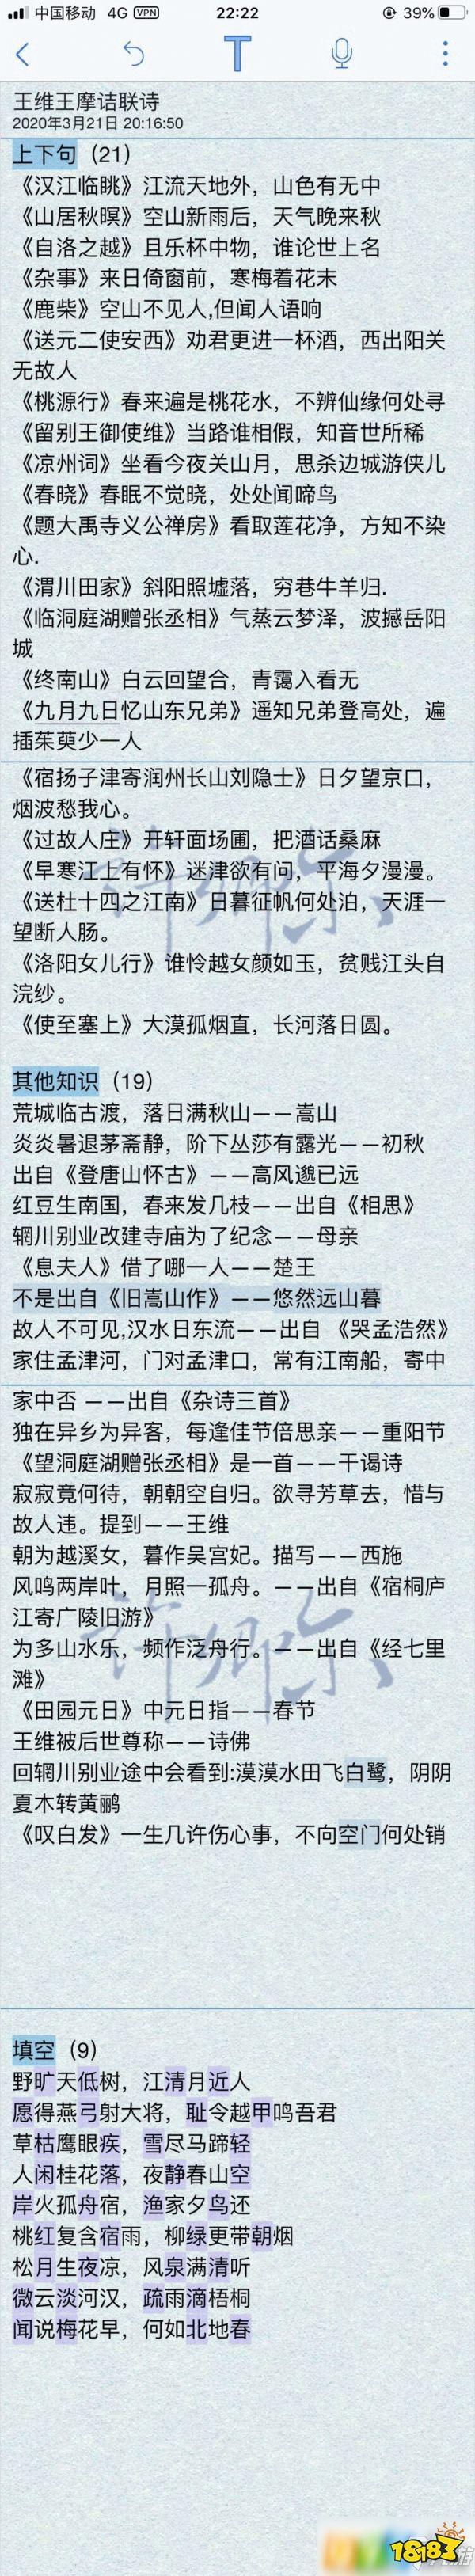 betway必威亚洲官方网站_《墨魂》王维联诗答案大全 王维联诗答案汇总